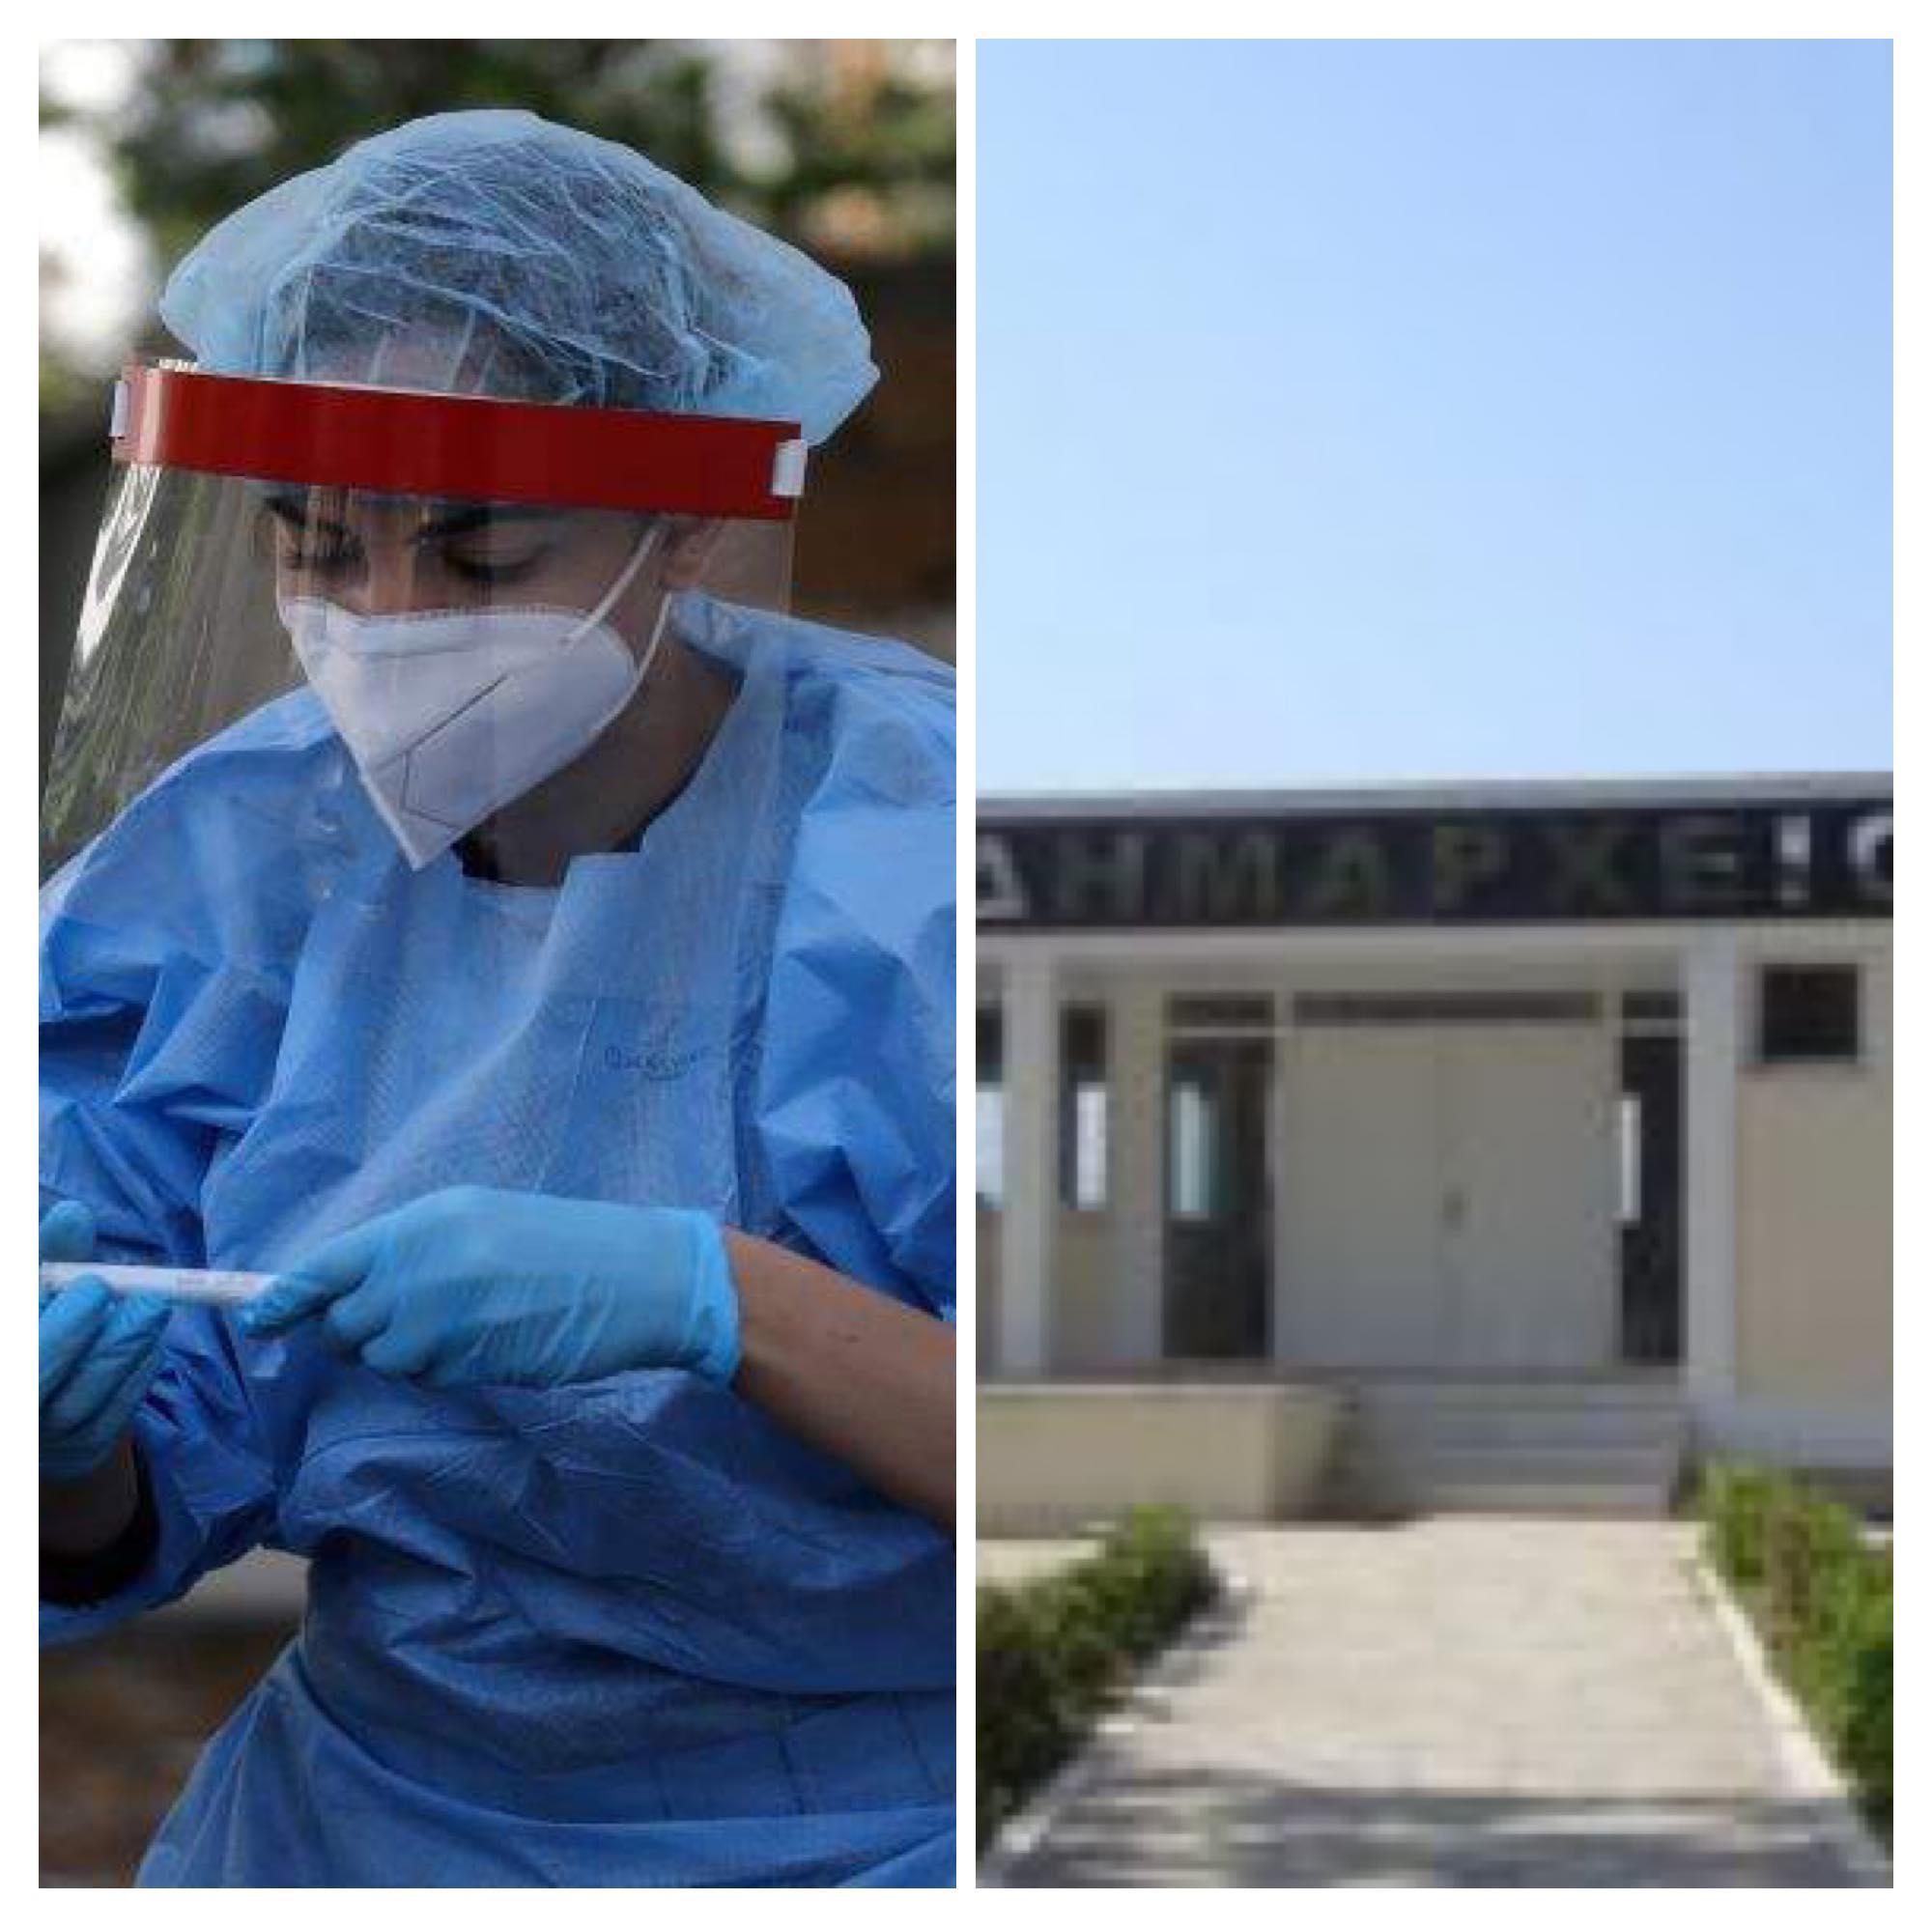 Κορονοϊός Εύβοια Ερέτρια: Τεστ θα κάνει ο Δήμος μετά το γιατρό που είναι θετικός στον ιό  – Πως κόλλησε